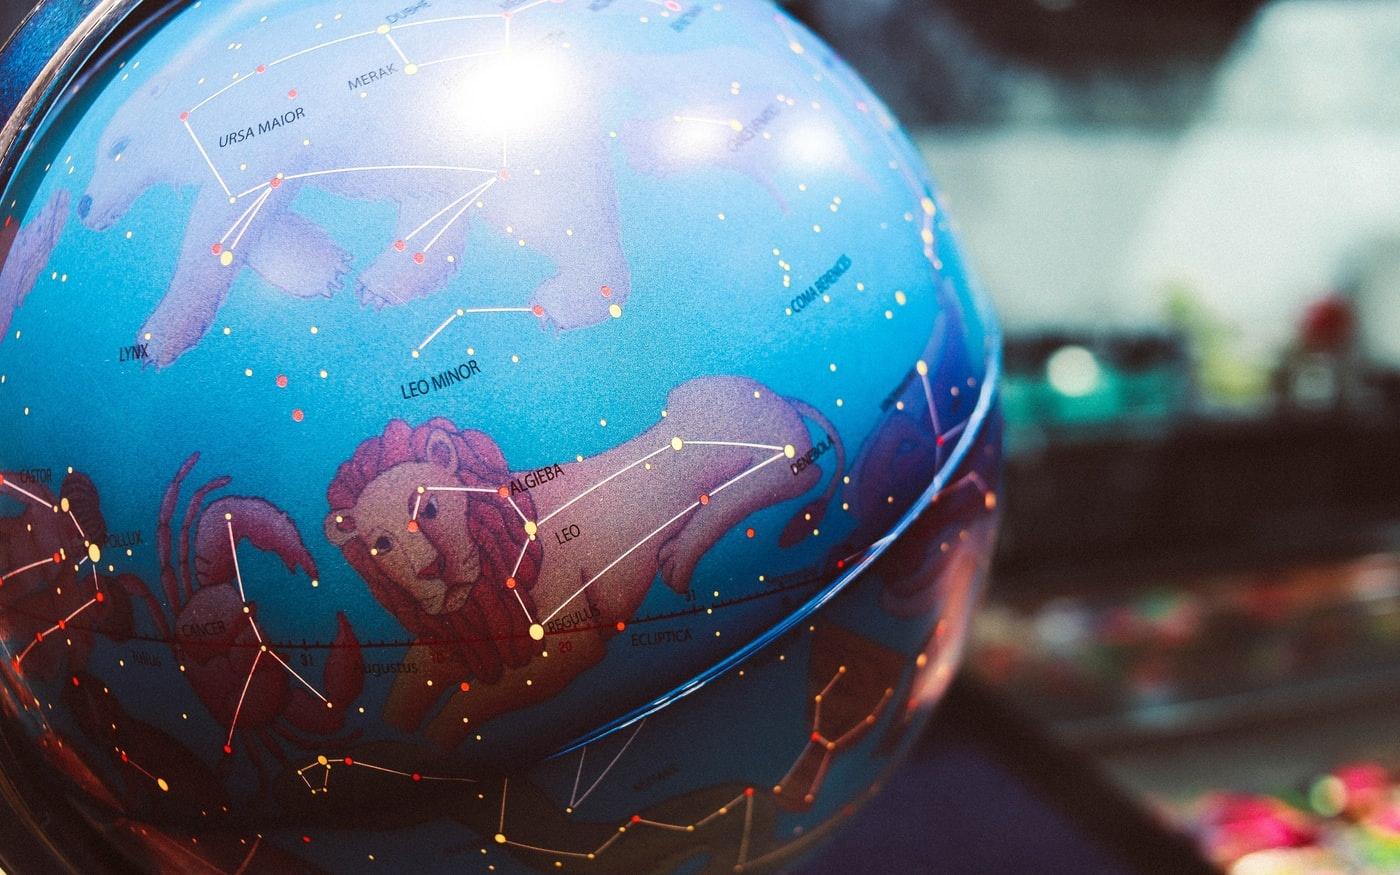 Balandžio 9-oji: vardadieniai, astrologija